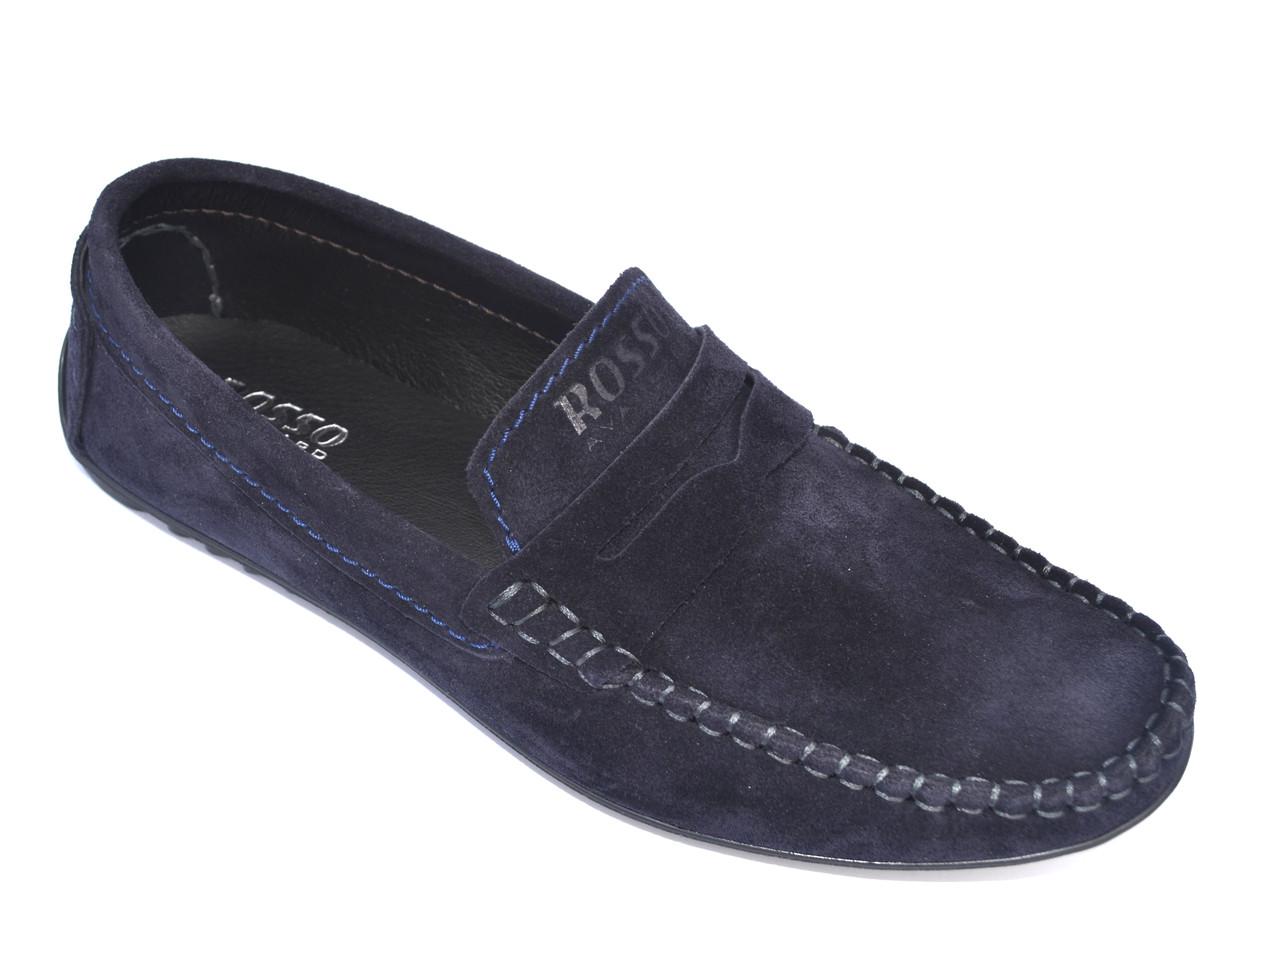 Мокасины замшевые синие мужская обувь больших размеров Rosso Avangard M4 Blu Night BS